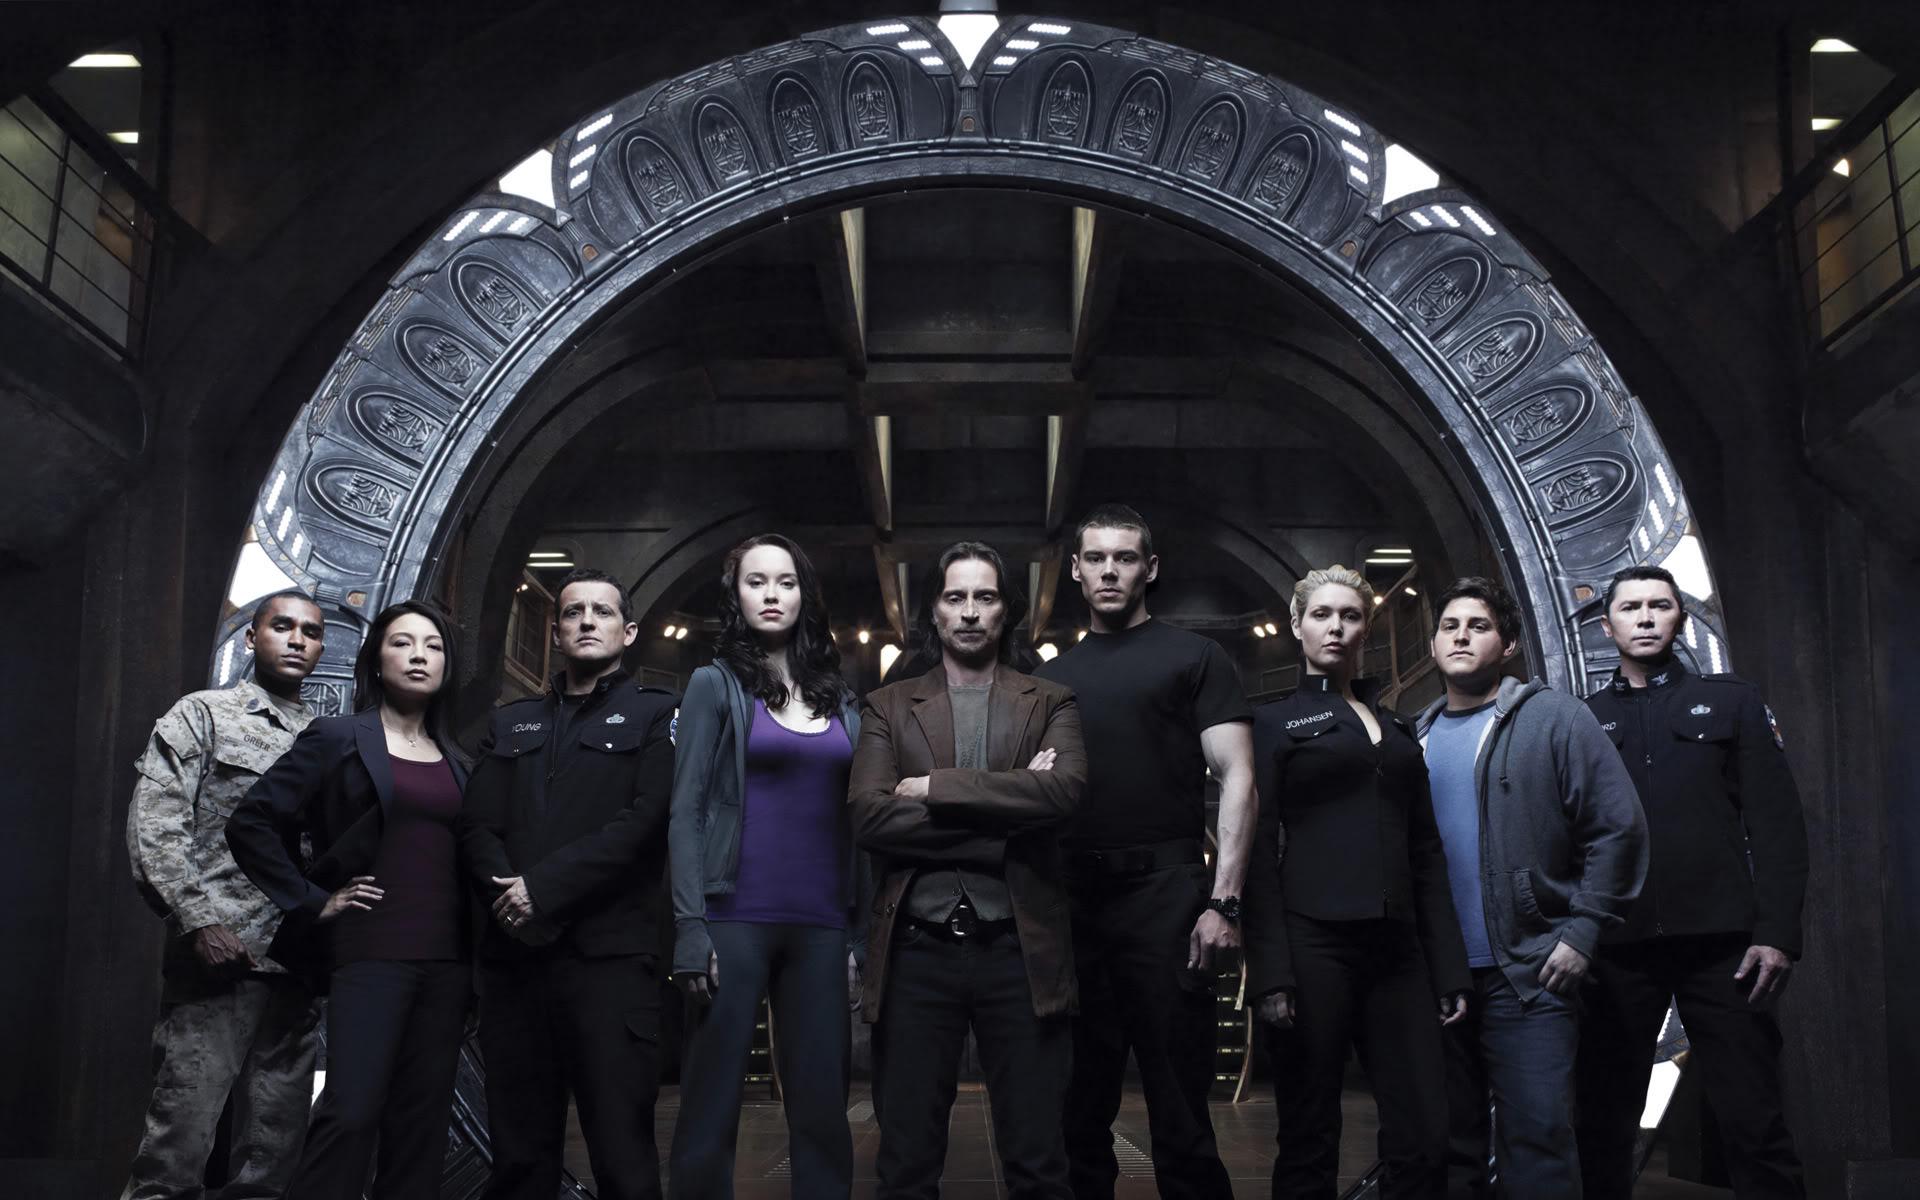 Schauspieler der Serie Stargate Universe vor dem Stargate auf dem Raumschiff Destiny.